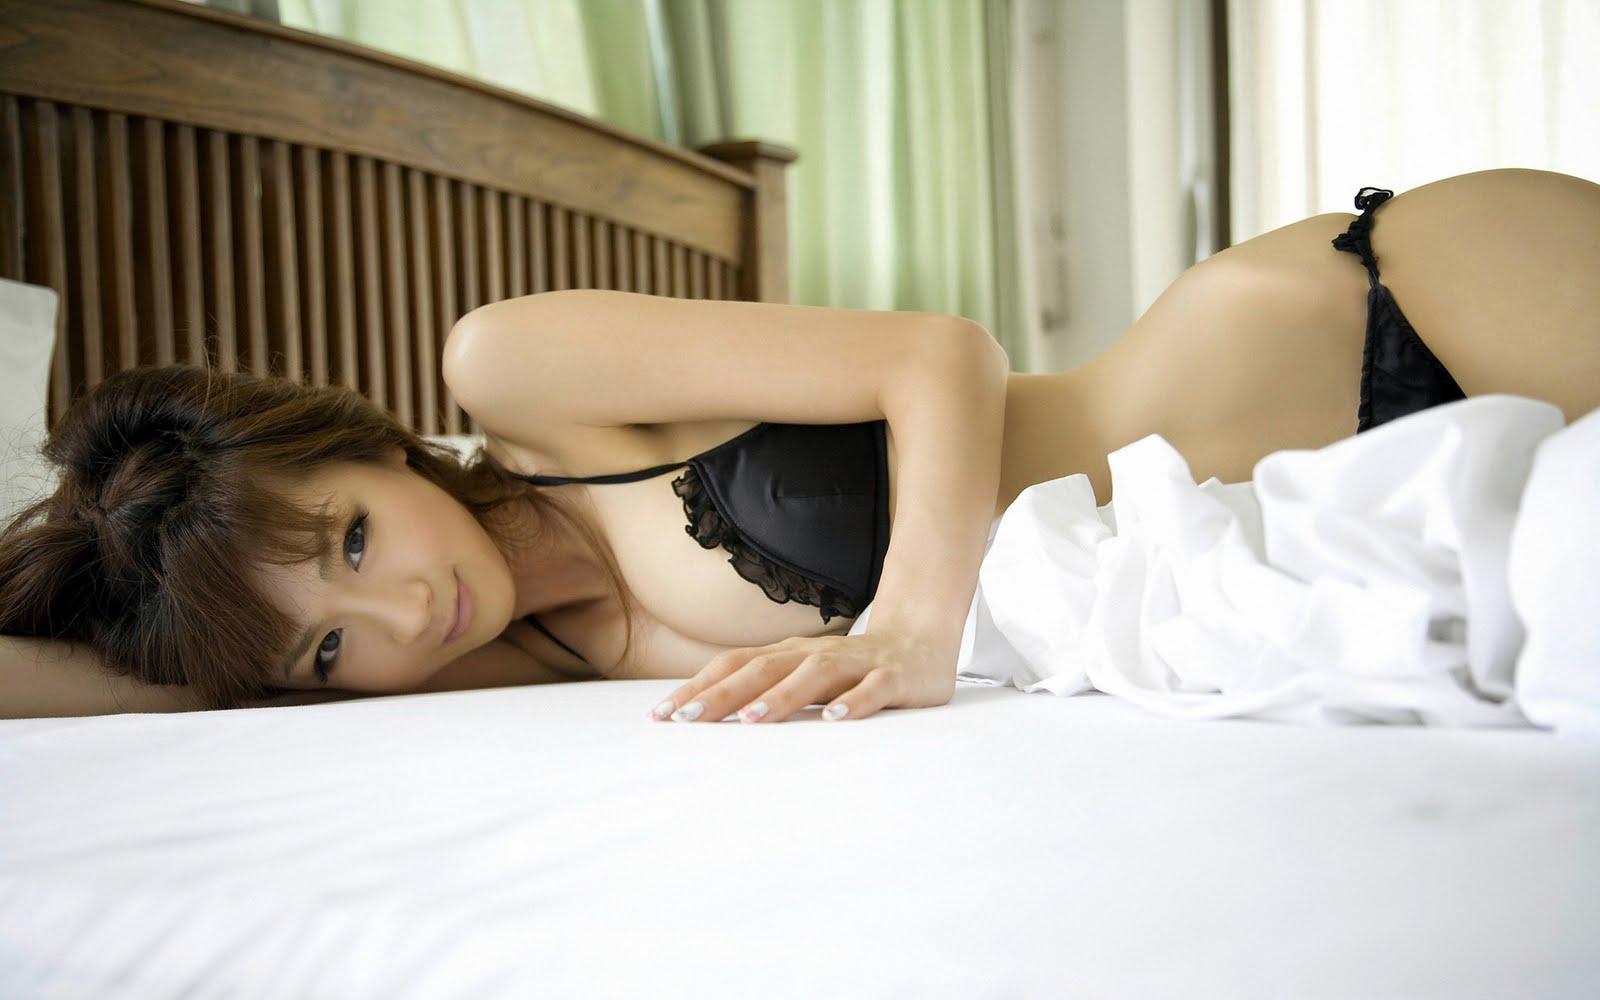 http://2.bp.blogspot.com/_W40QLPbCeXw/TRxx0cu2BmI/AAAAAAAAC1s/GkbPf5lsBvs/s1600/Desktop+Women+-+HQ+Wallpaper+235+-+Aki+Hoshino.jpg